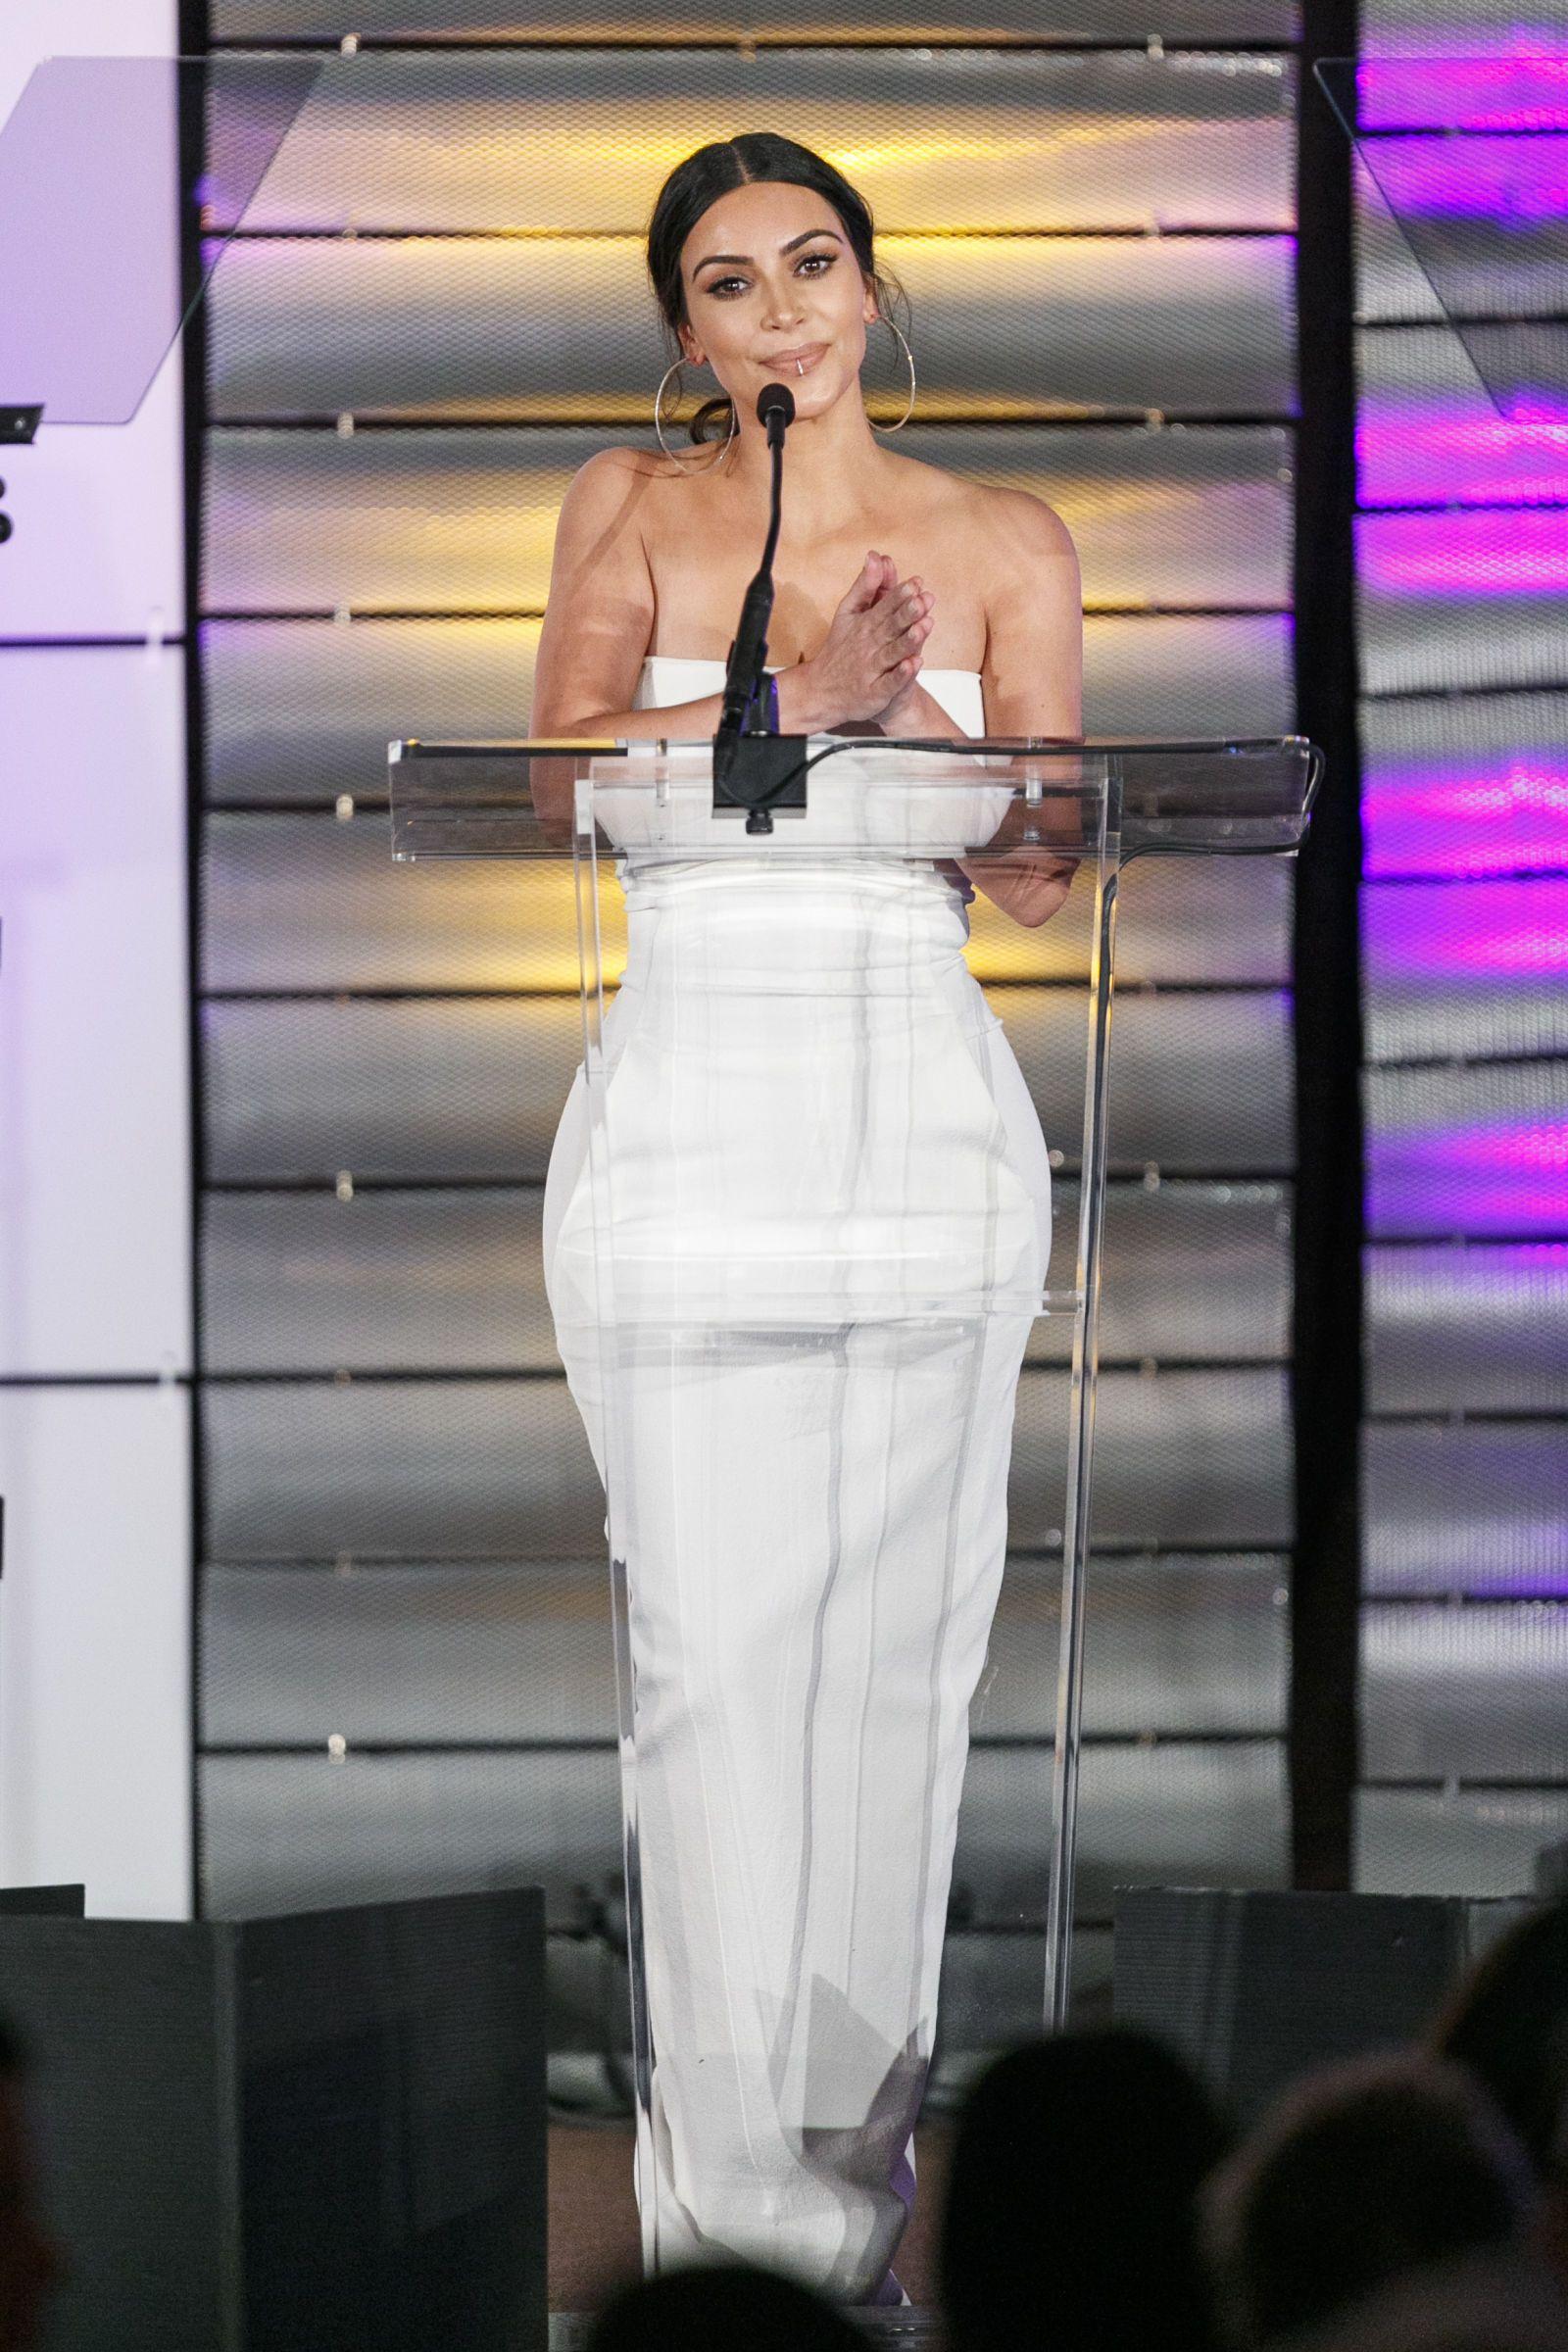 d8a692cbc6e7 Kim Kardashian Street Style - Kim Kardashian Best Looks